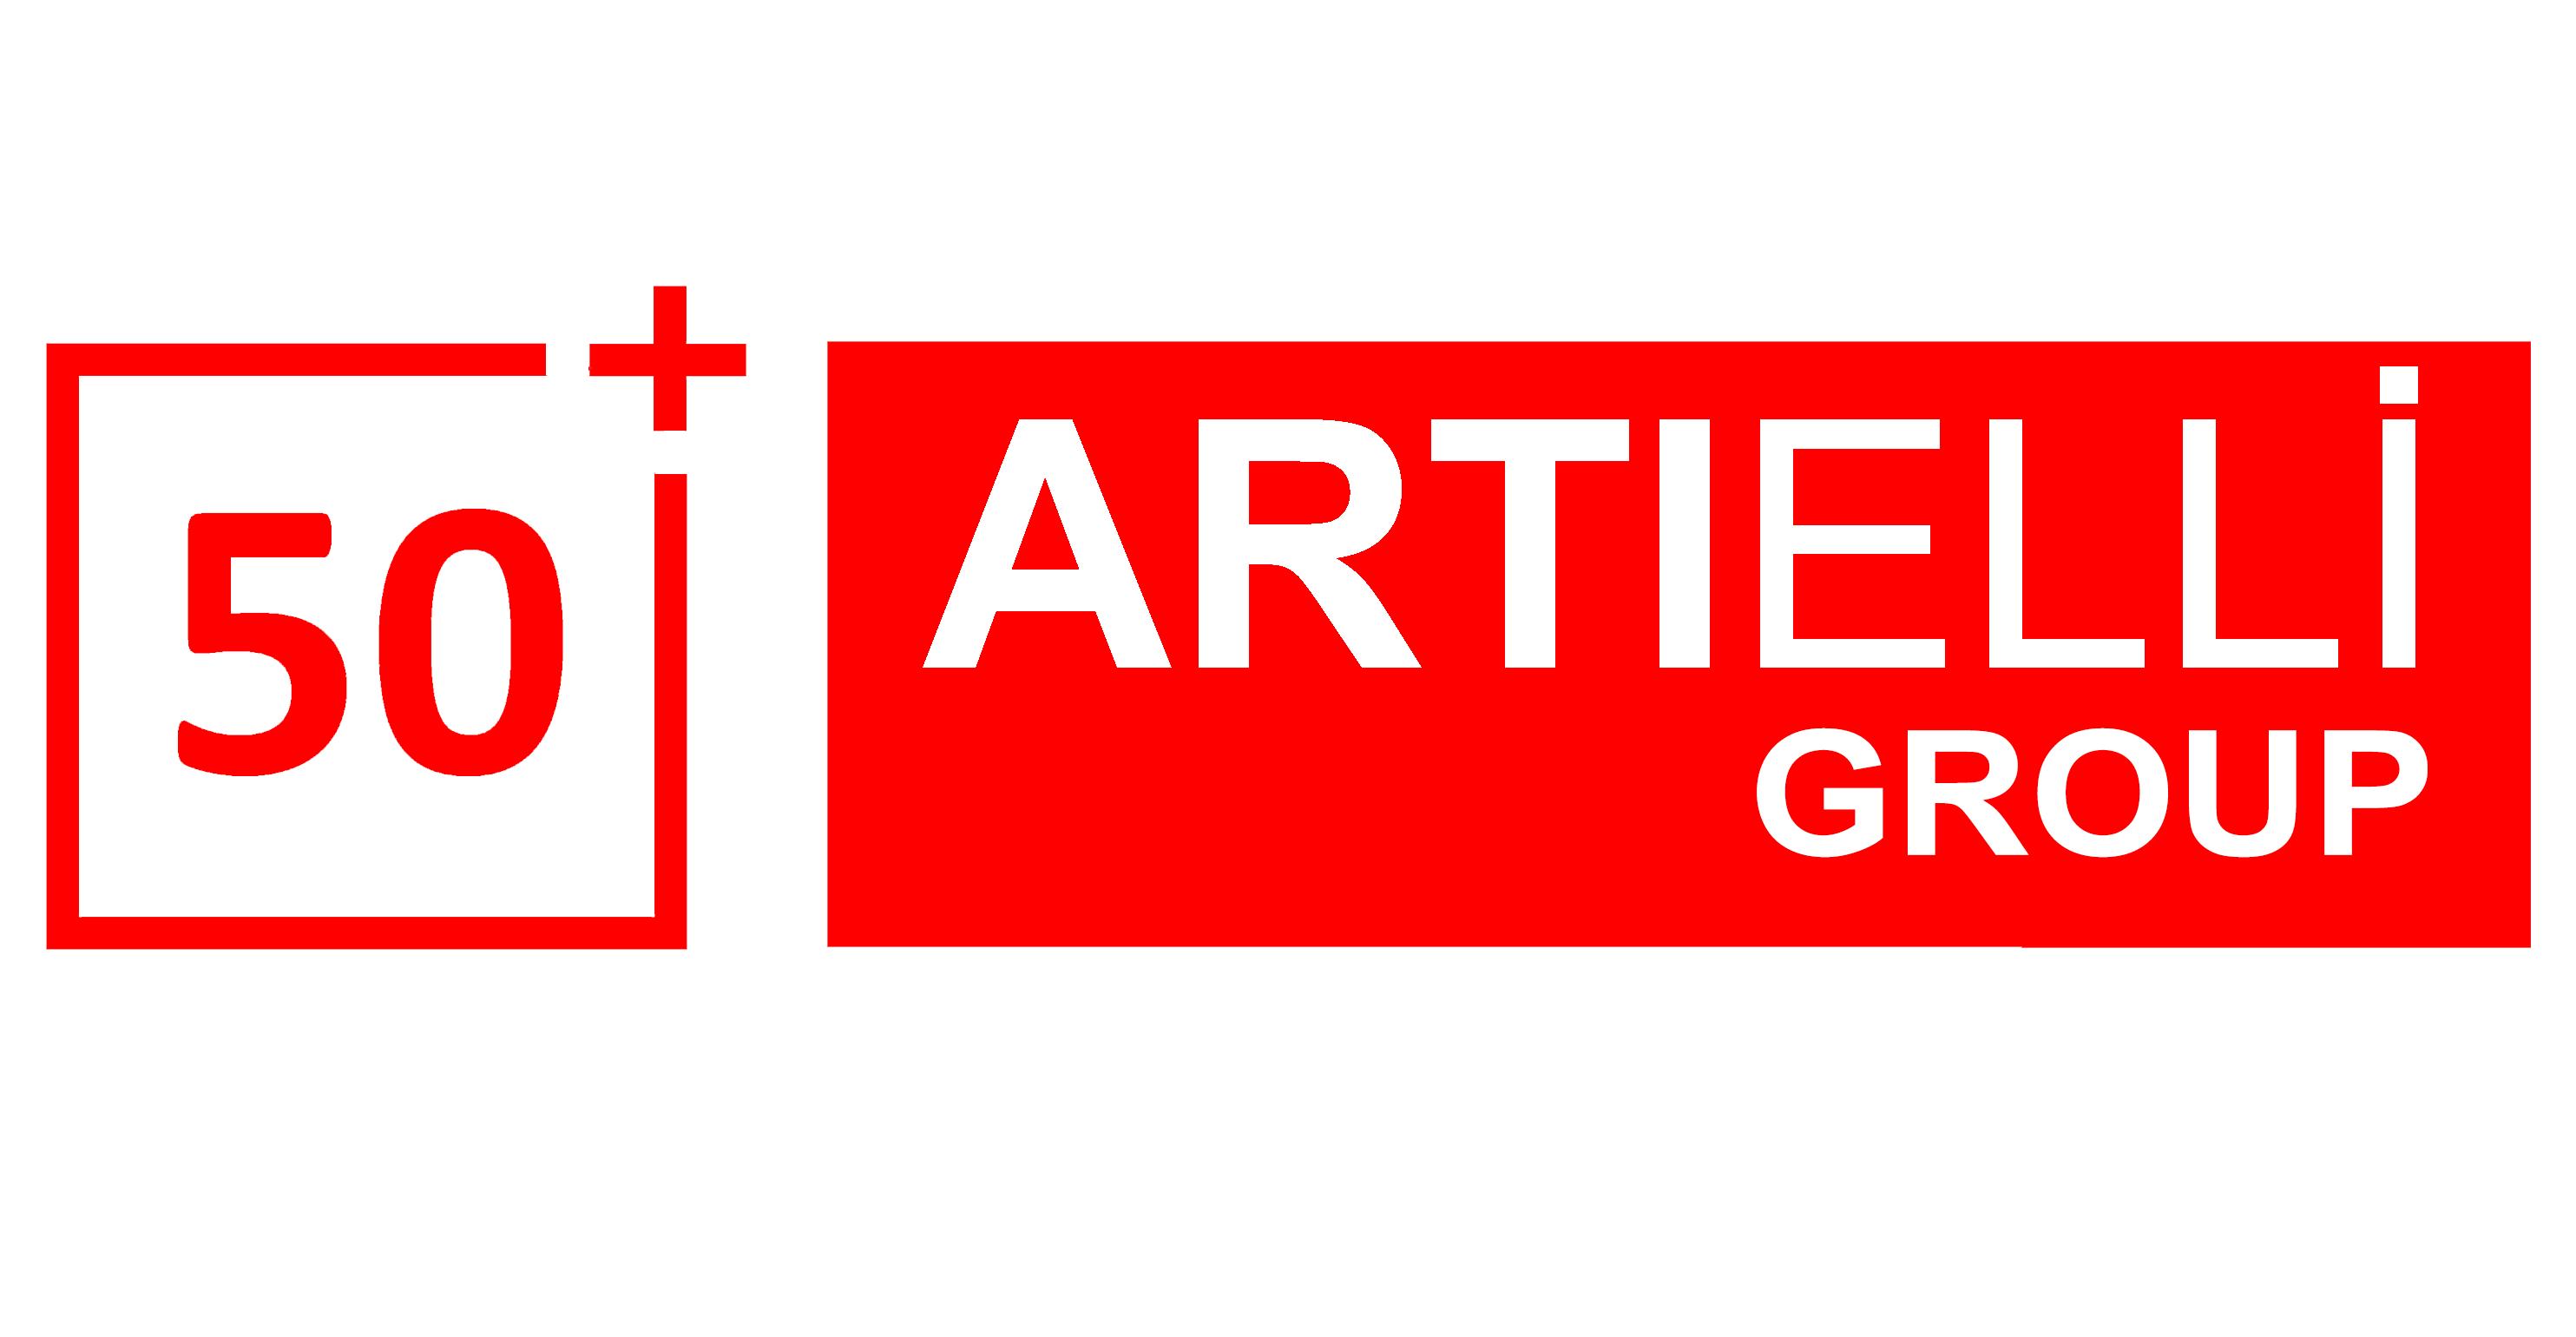 artielligroup.com